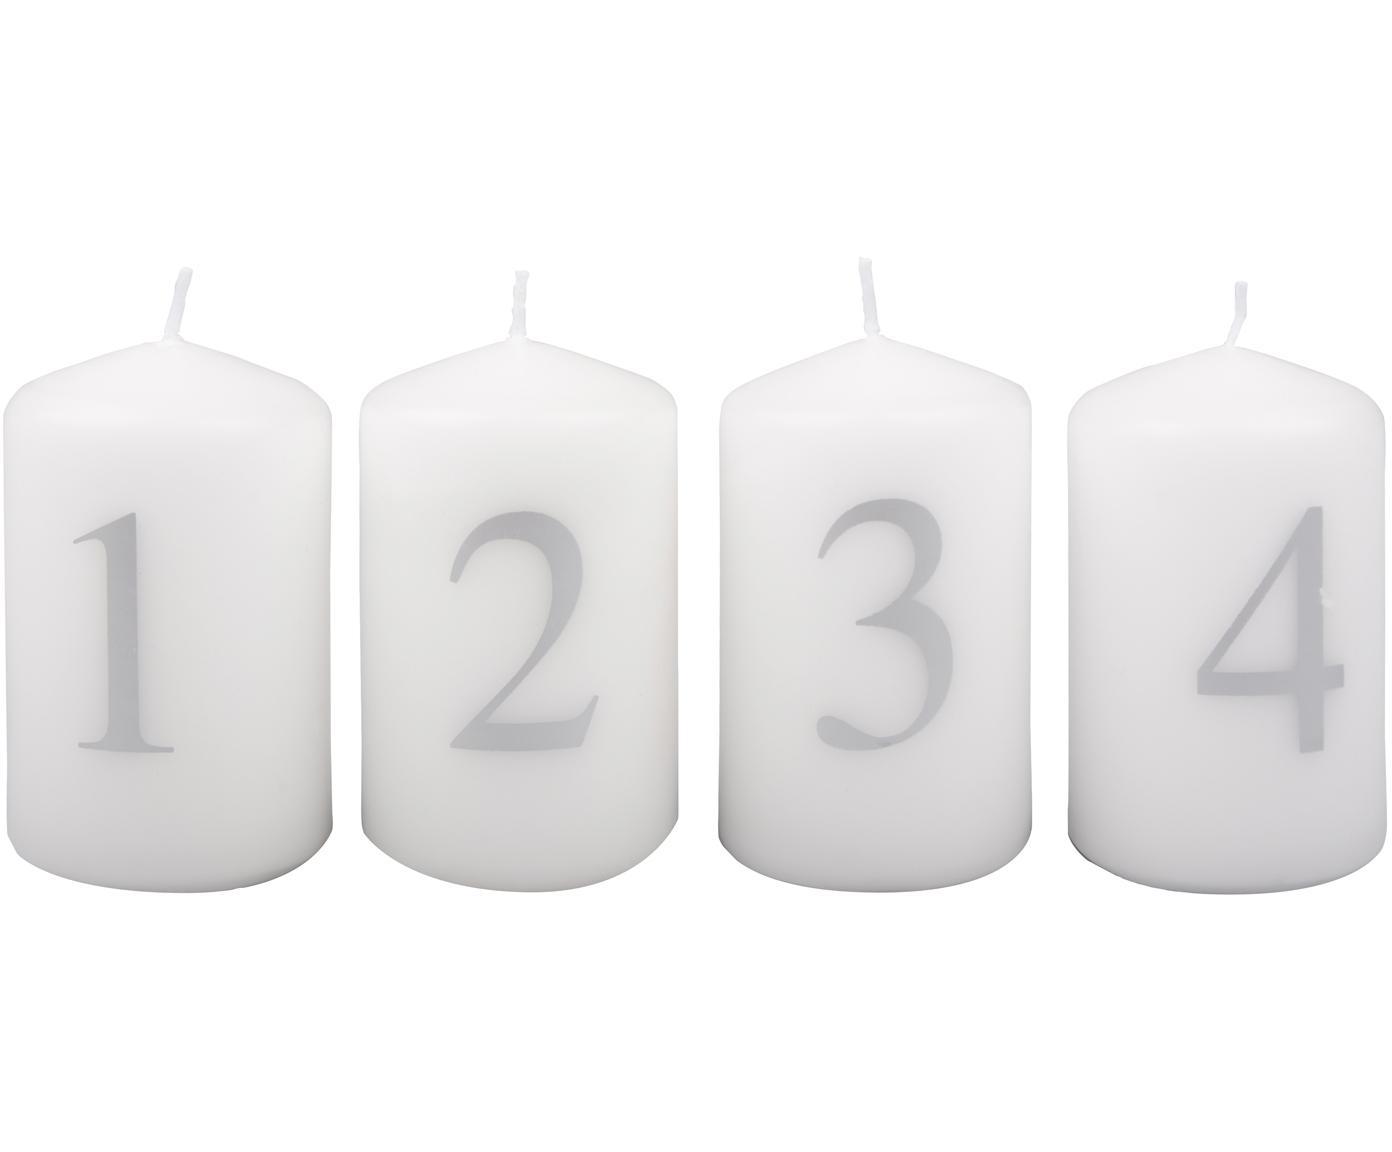 Komplet świec pieńkowych Aven, 4 elem., Parafina, Biały, odcienie srebrnego, Ø 6 x W 9 cm